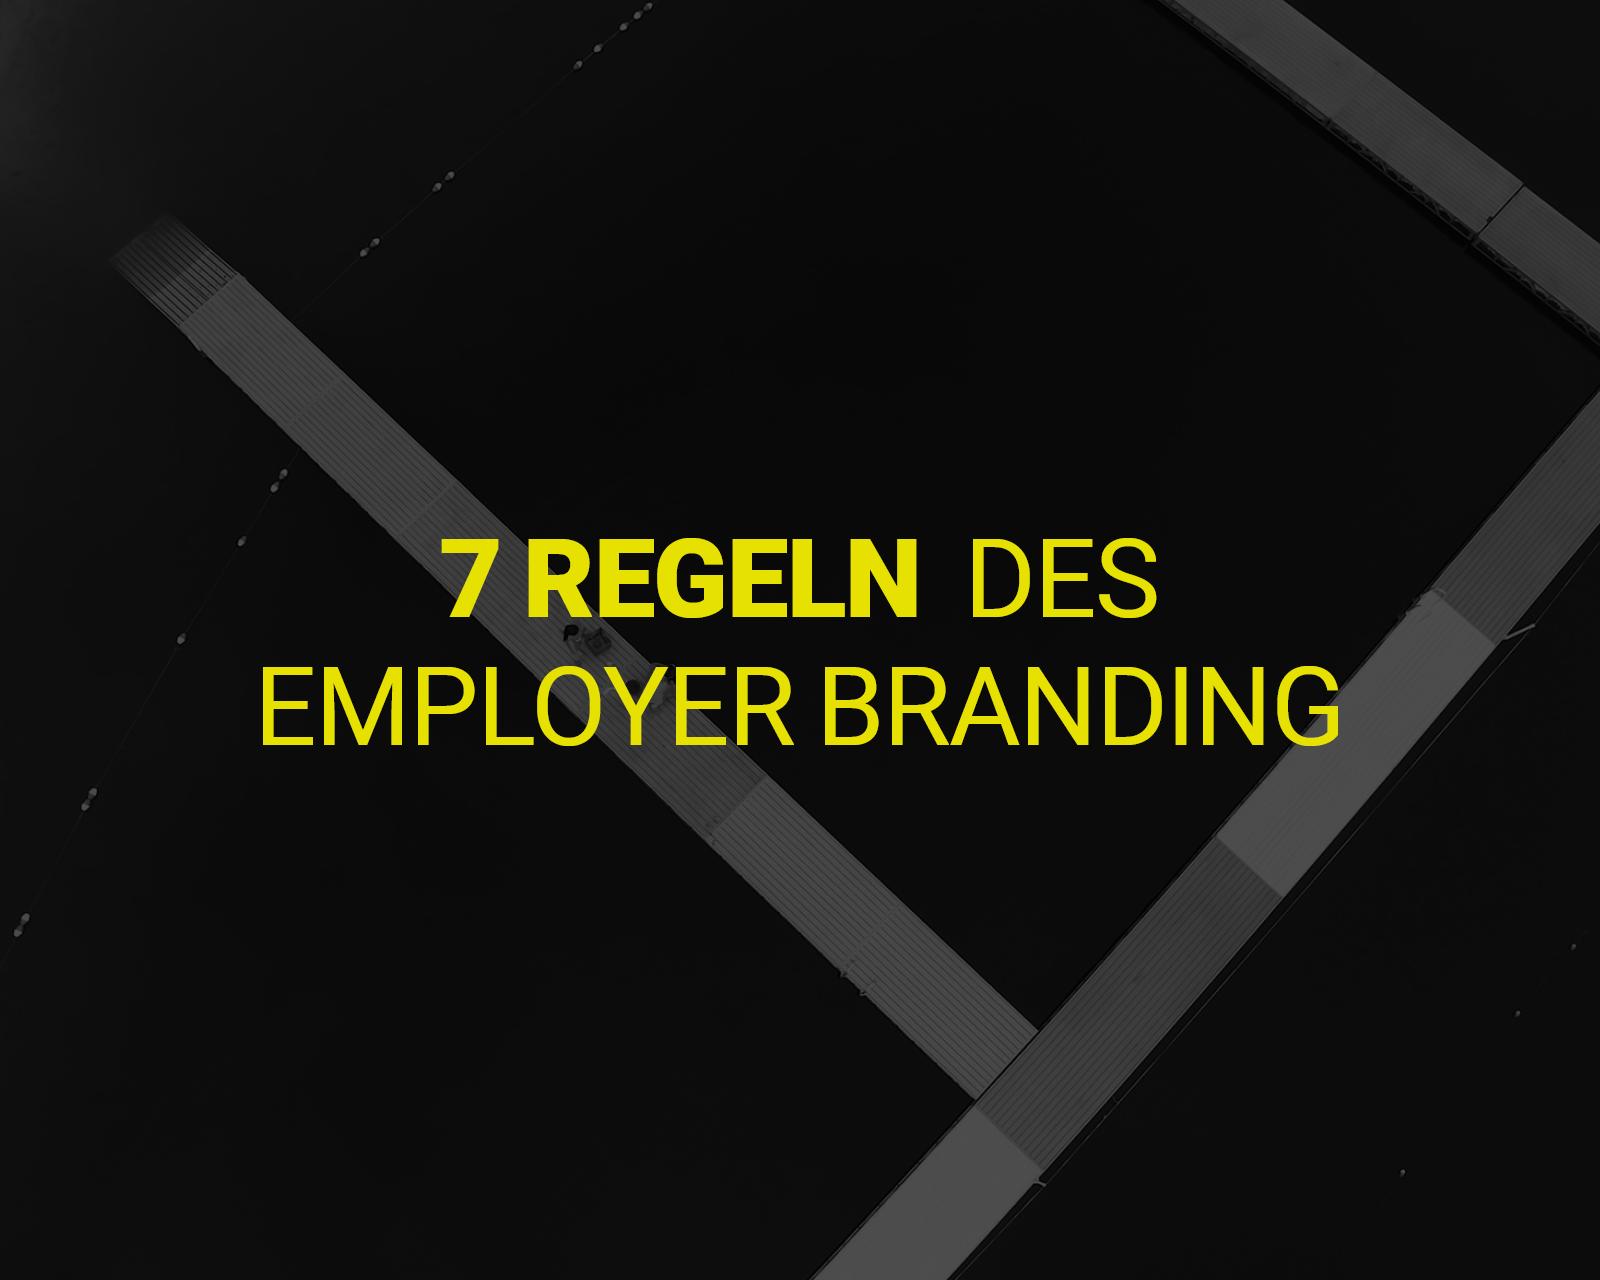 7 Regeln des Employer Branding